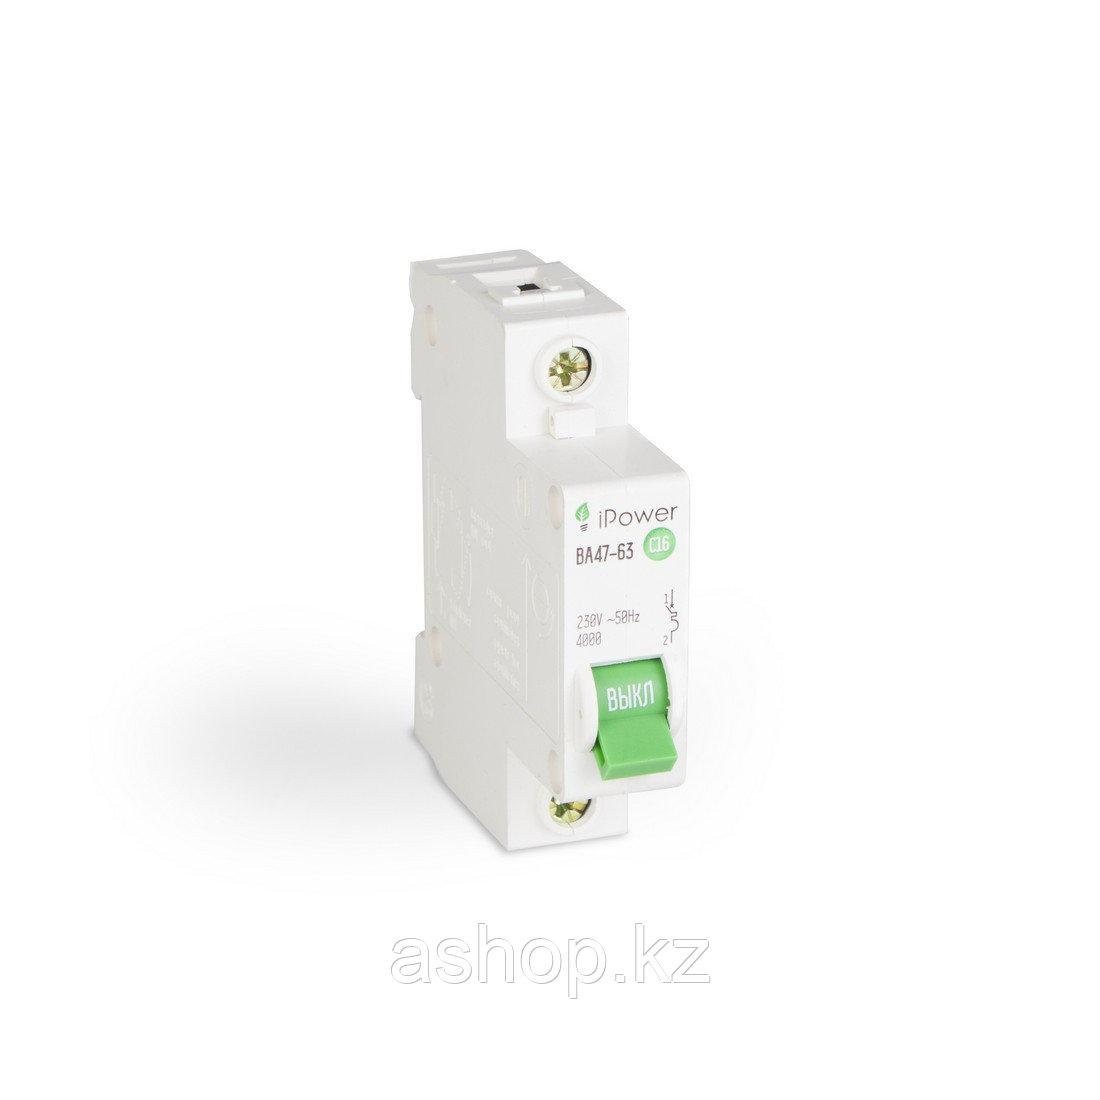 Автоматический выключатель реечный iPower ВА47-63 1P 20А, 230/400 В, Кол-во полюсов: 1, Предел отключения: 4,5